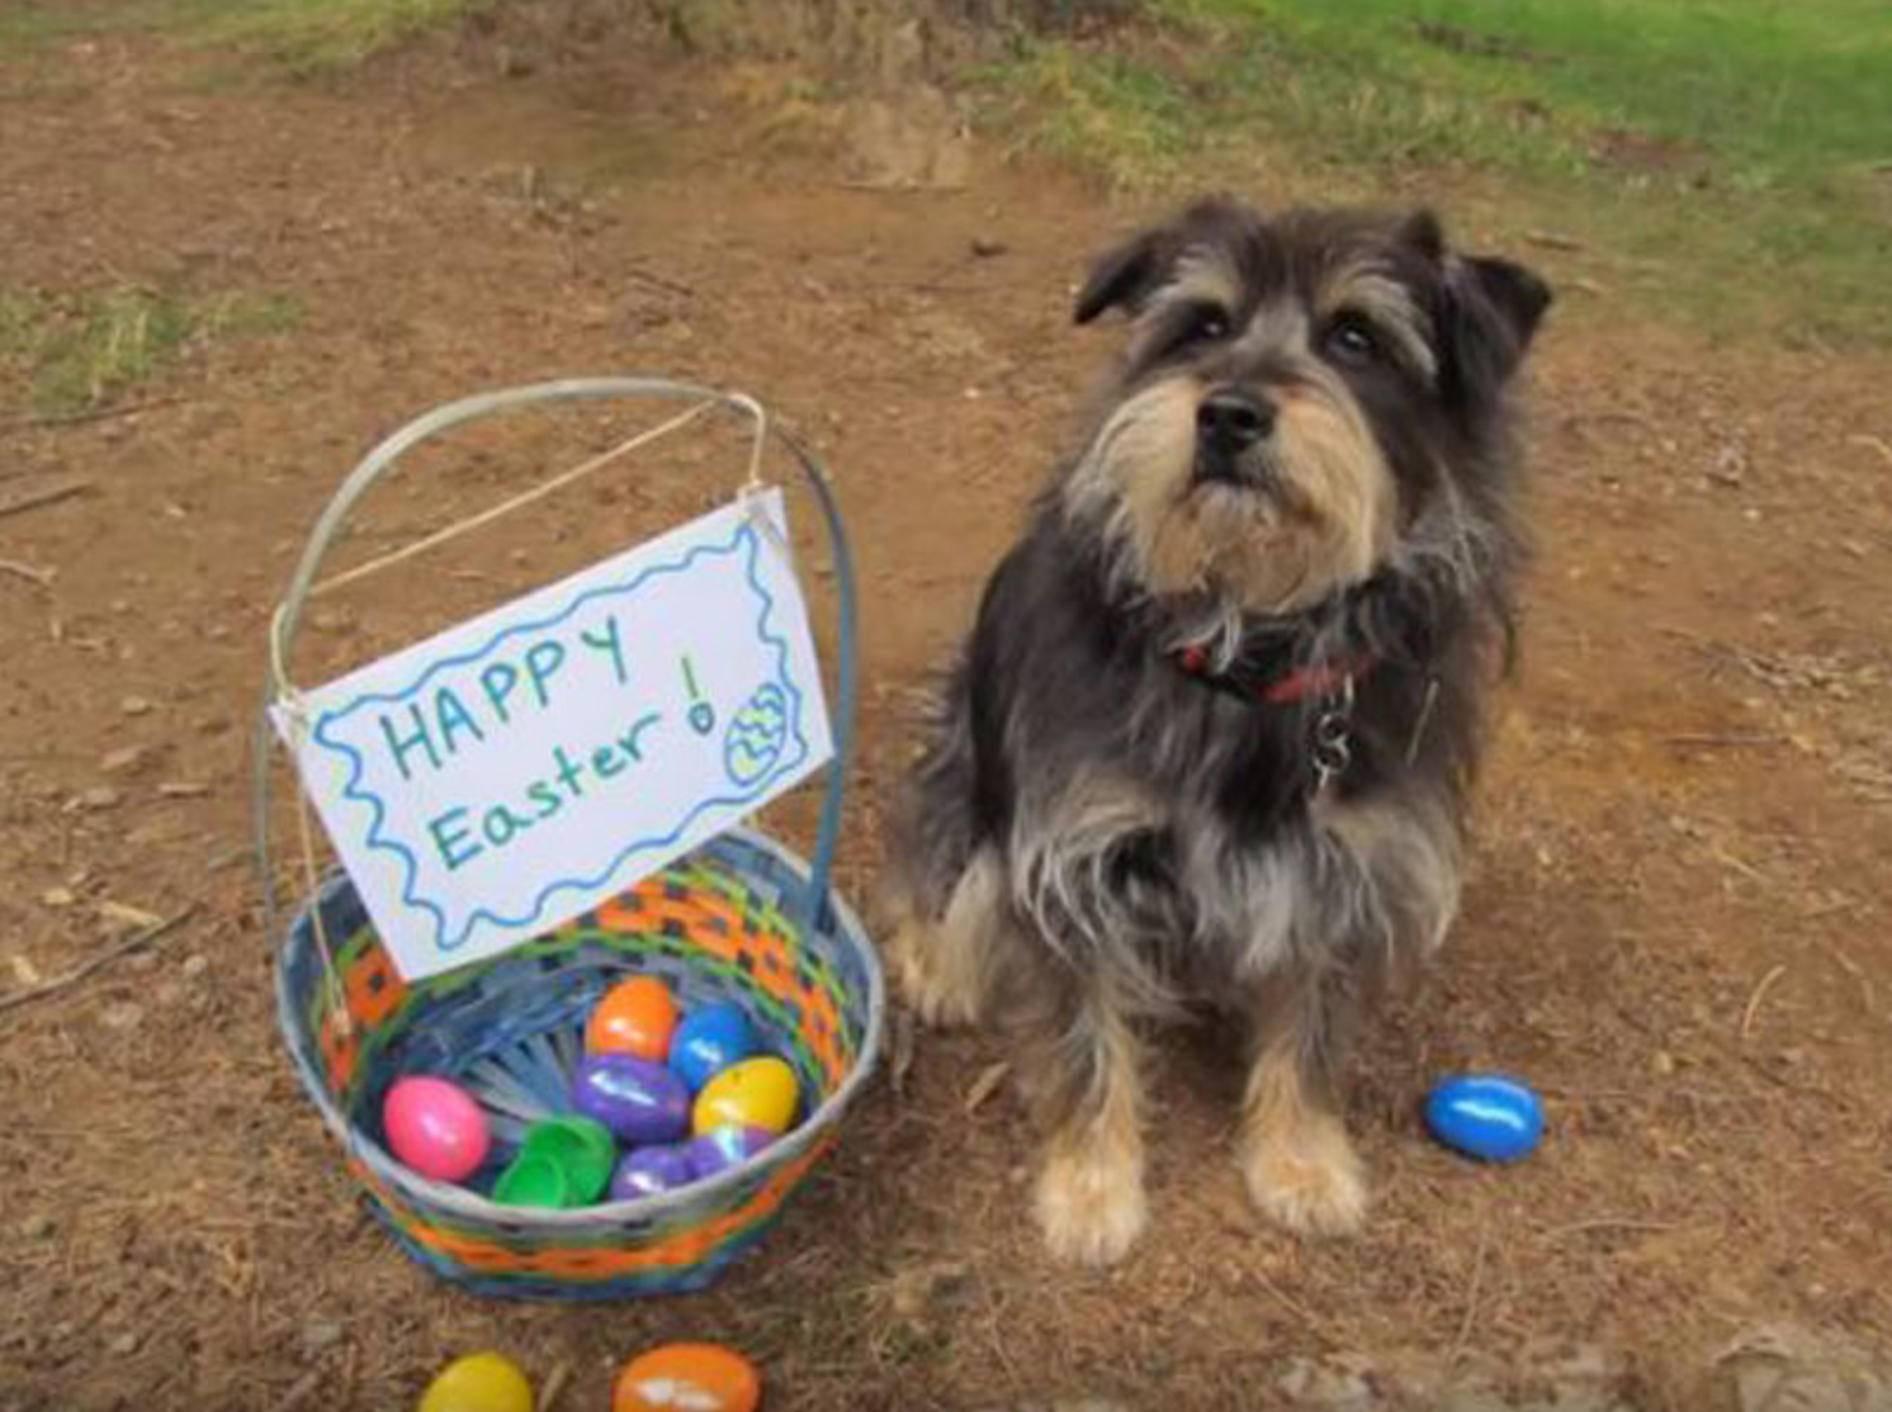 Hund Koby begibt sich an Ostern auf Eiersuche - Bild: YouTube / kimmobley333